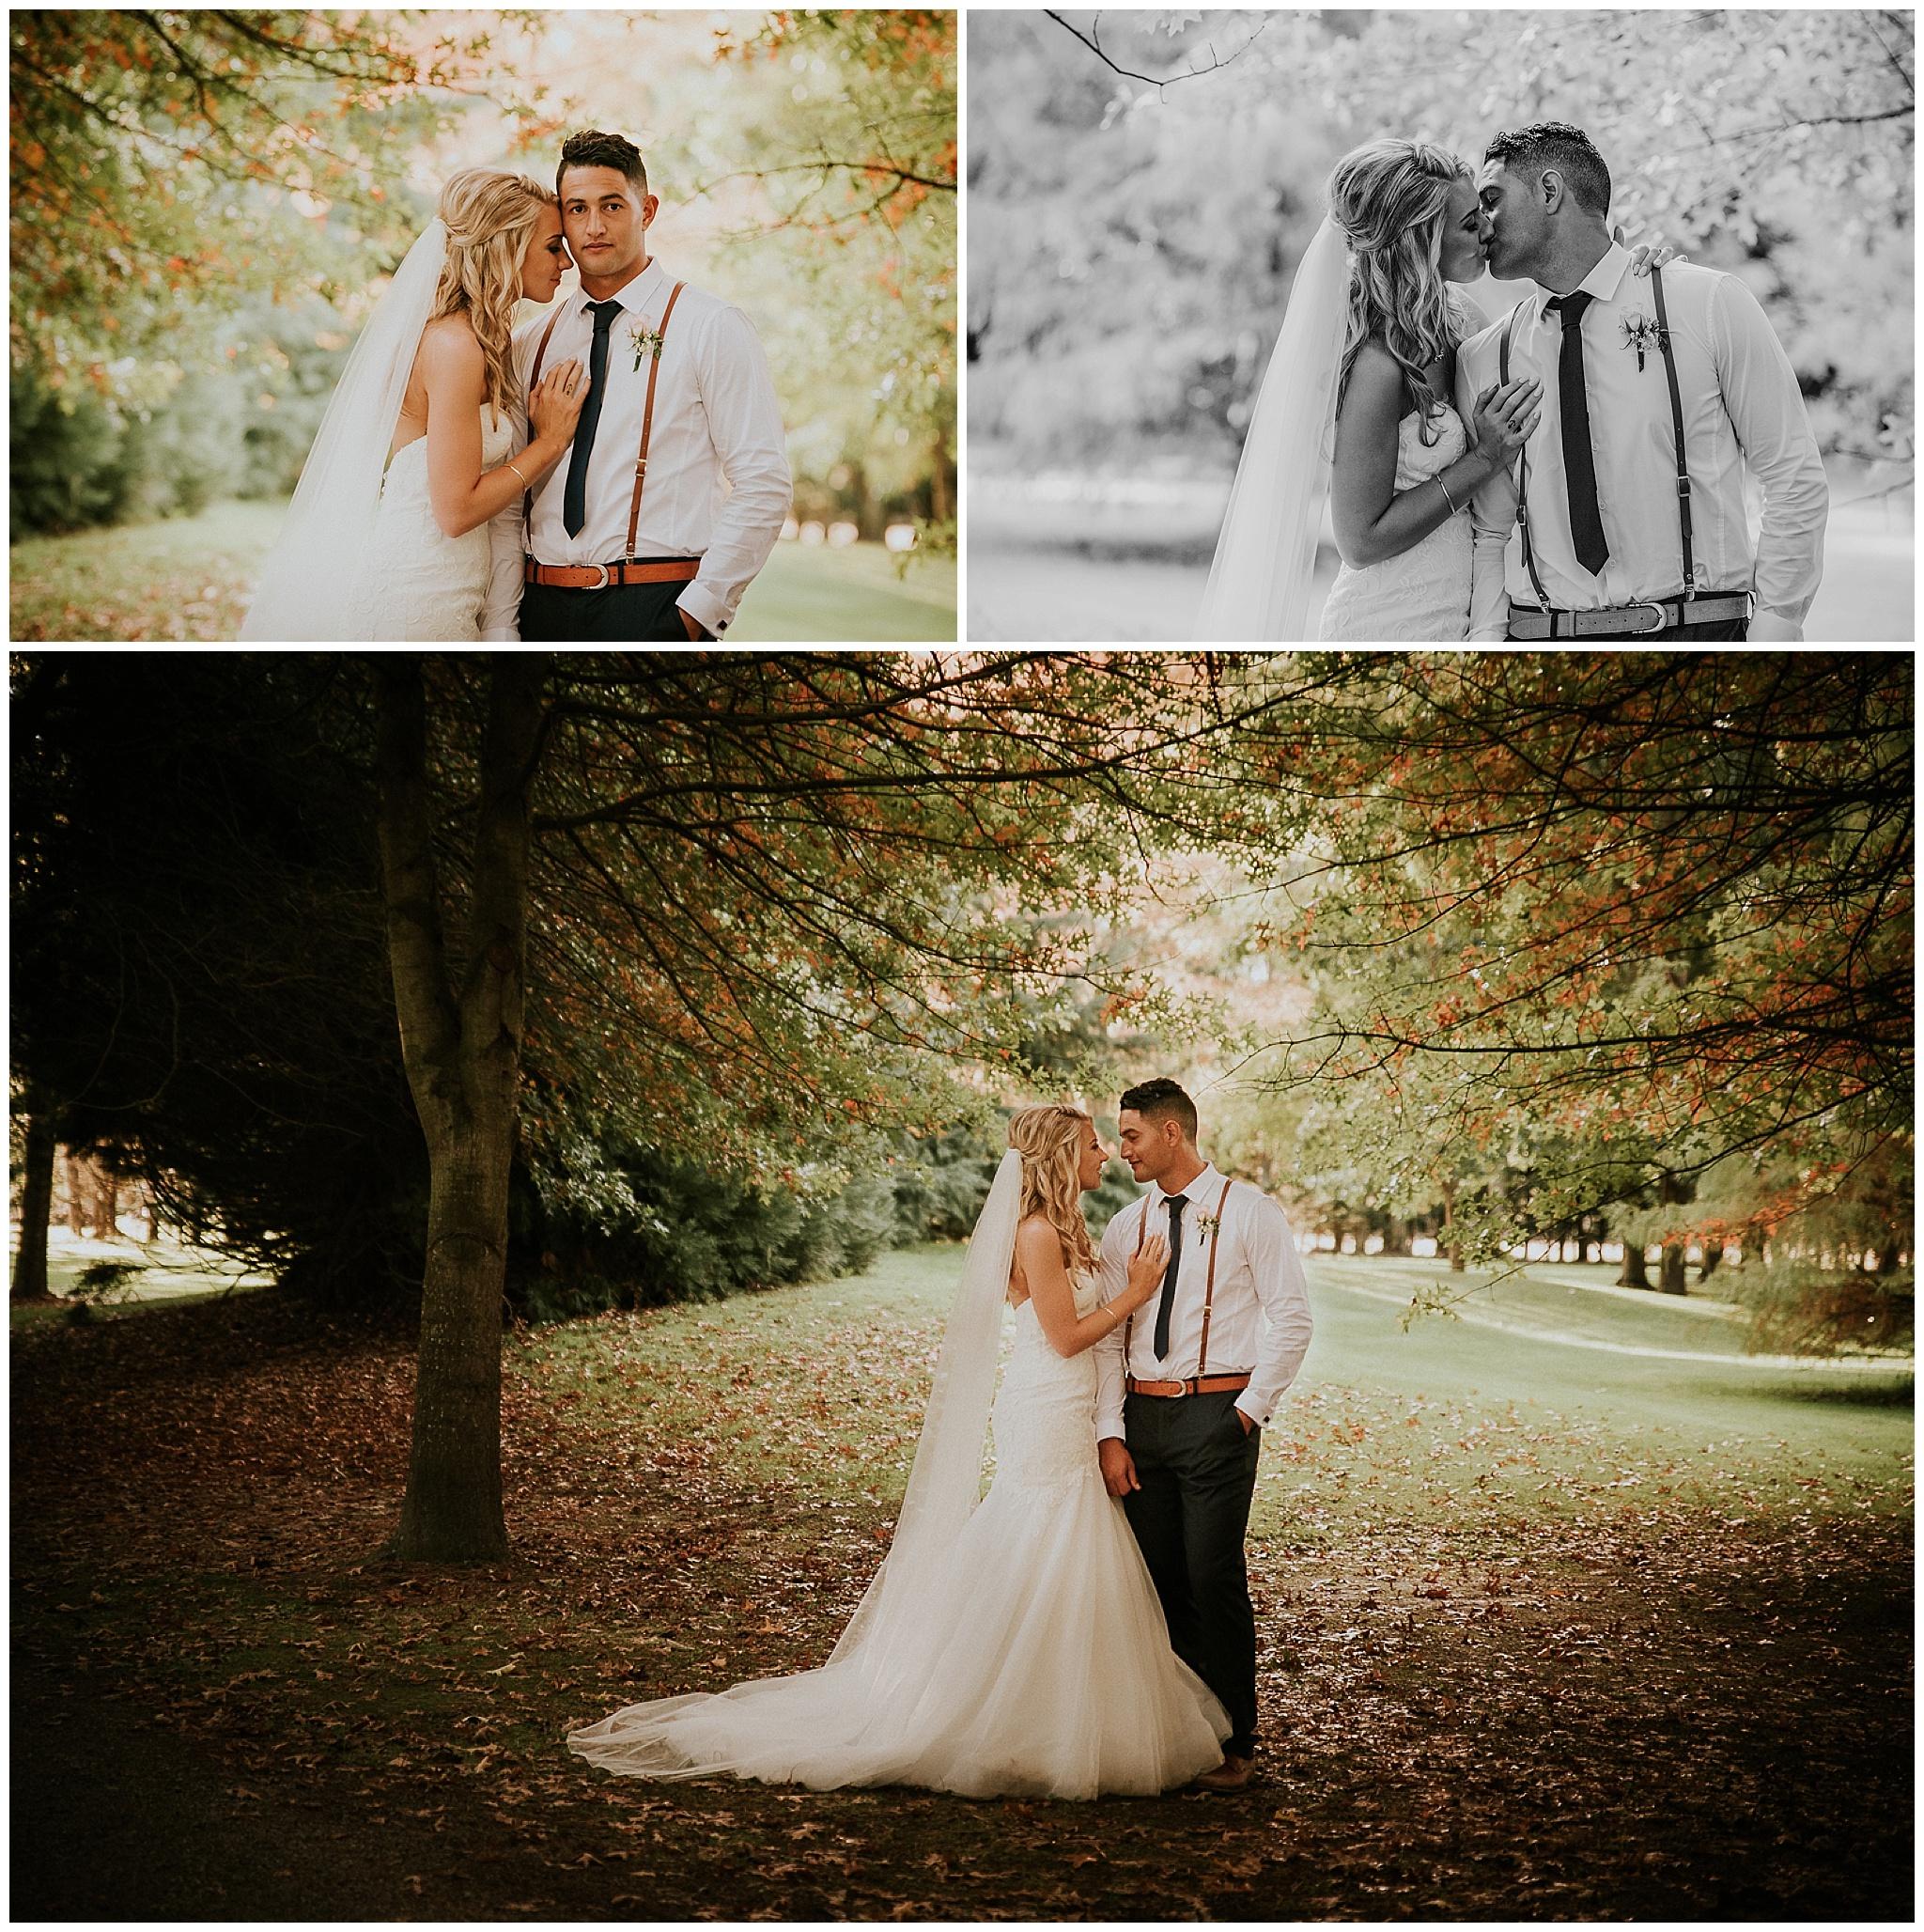 chad-jakalah-christchurch-garden-summer-elegant-auckland-wedding-photographer_0045.jpg